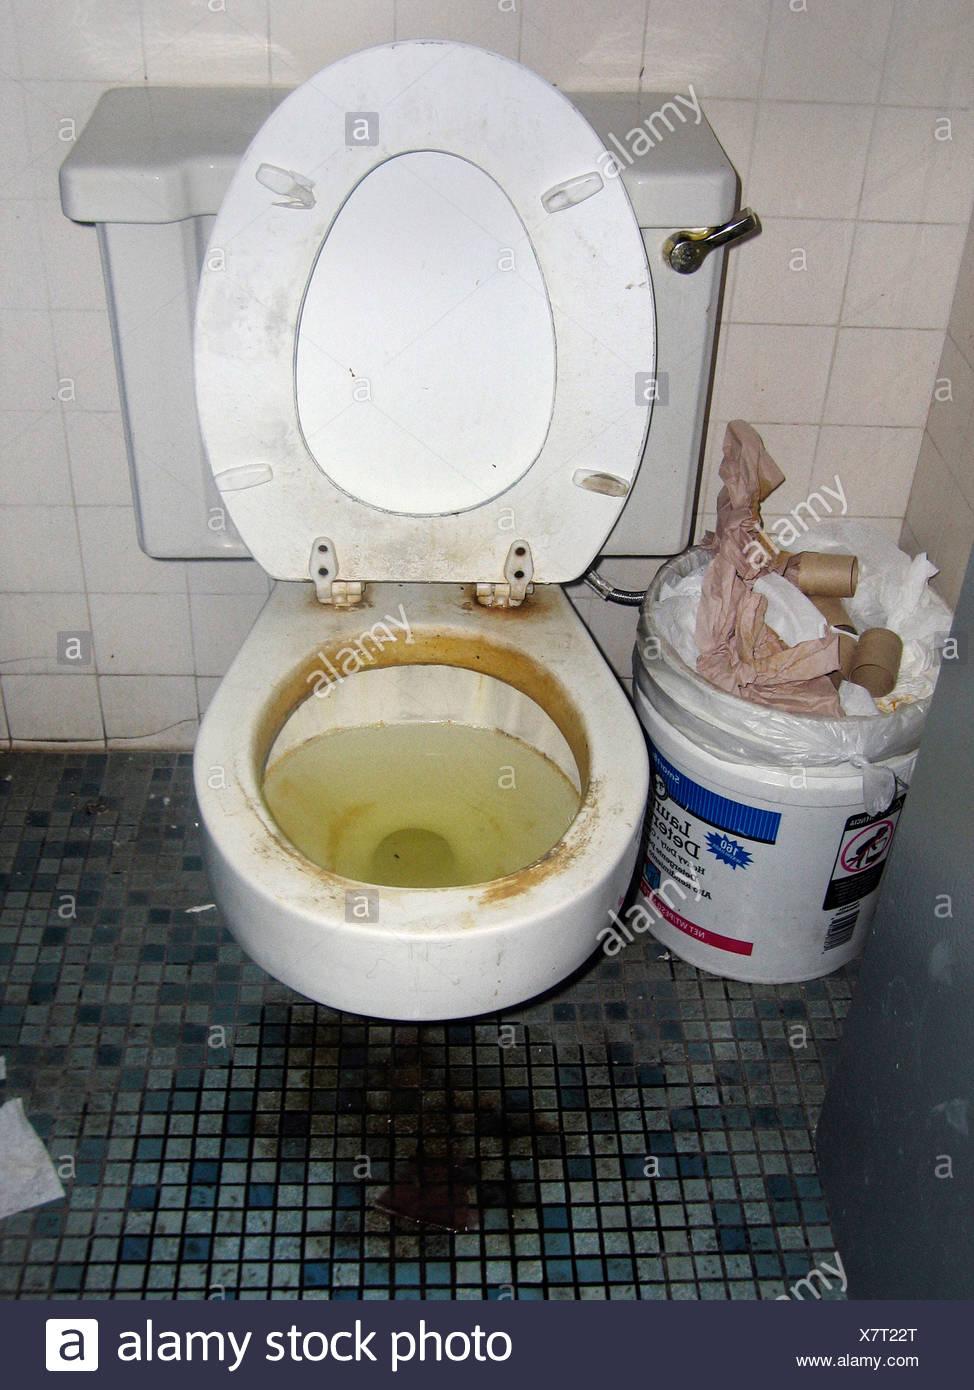 Schmutzige toilette stockfoto bild 280196976 alamy - Dreckiges badezimmer ...